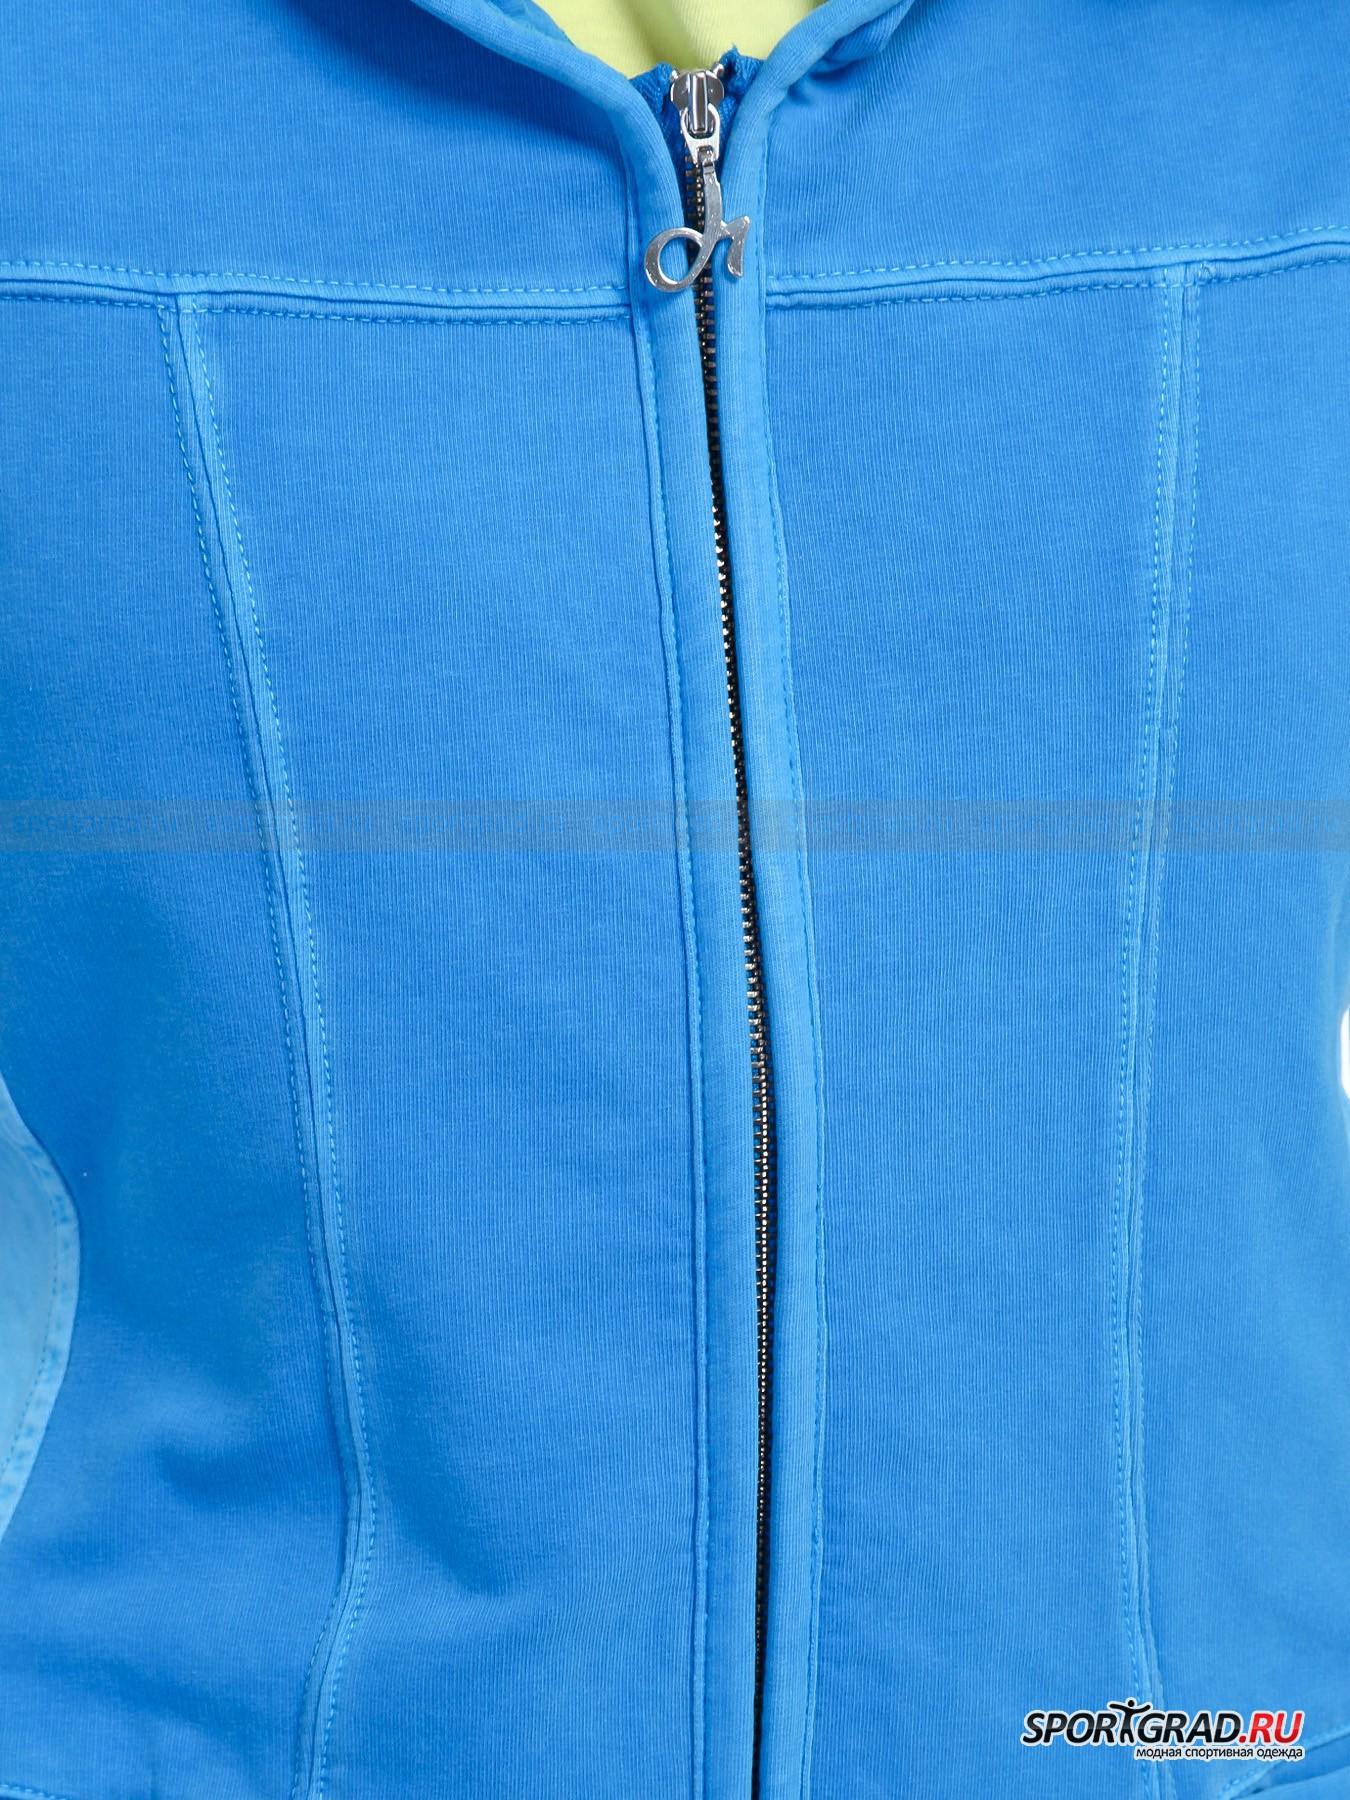 Толстовка-жакет женская Jacket  DEHA в спортивном стиле от Спортград